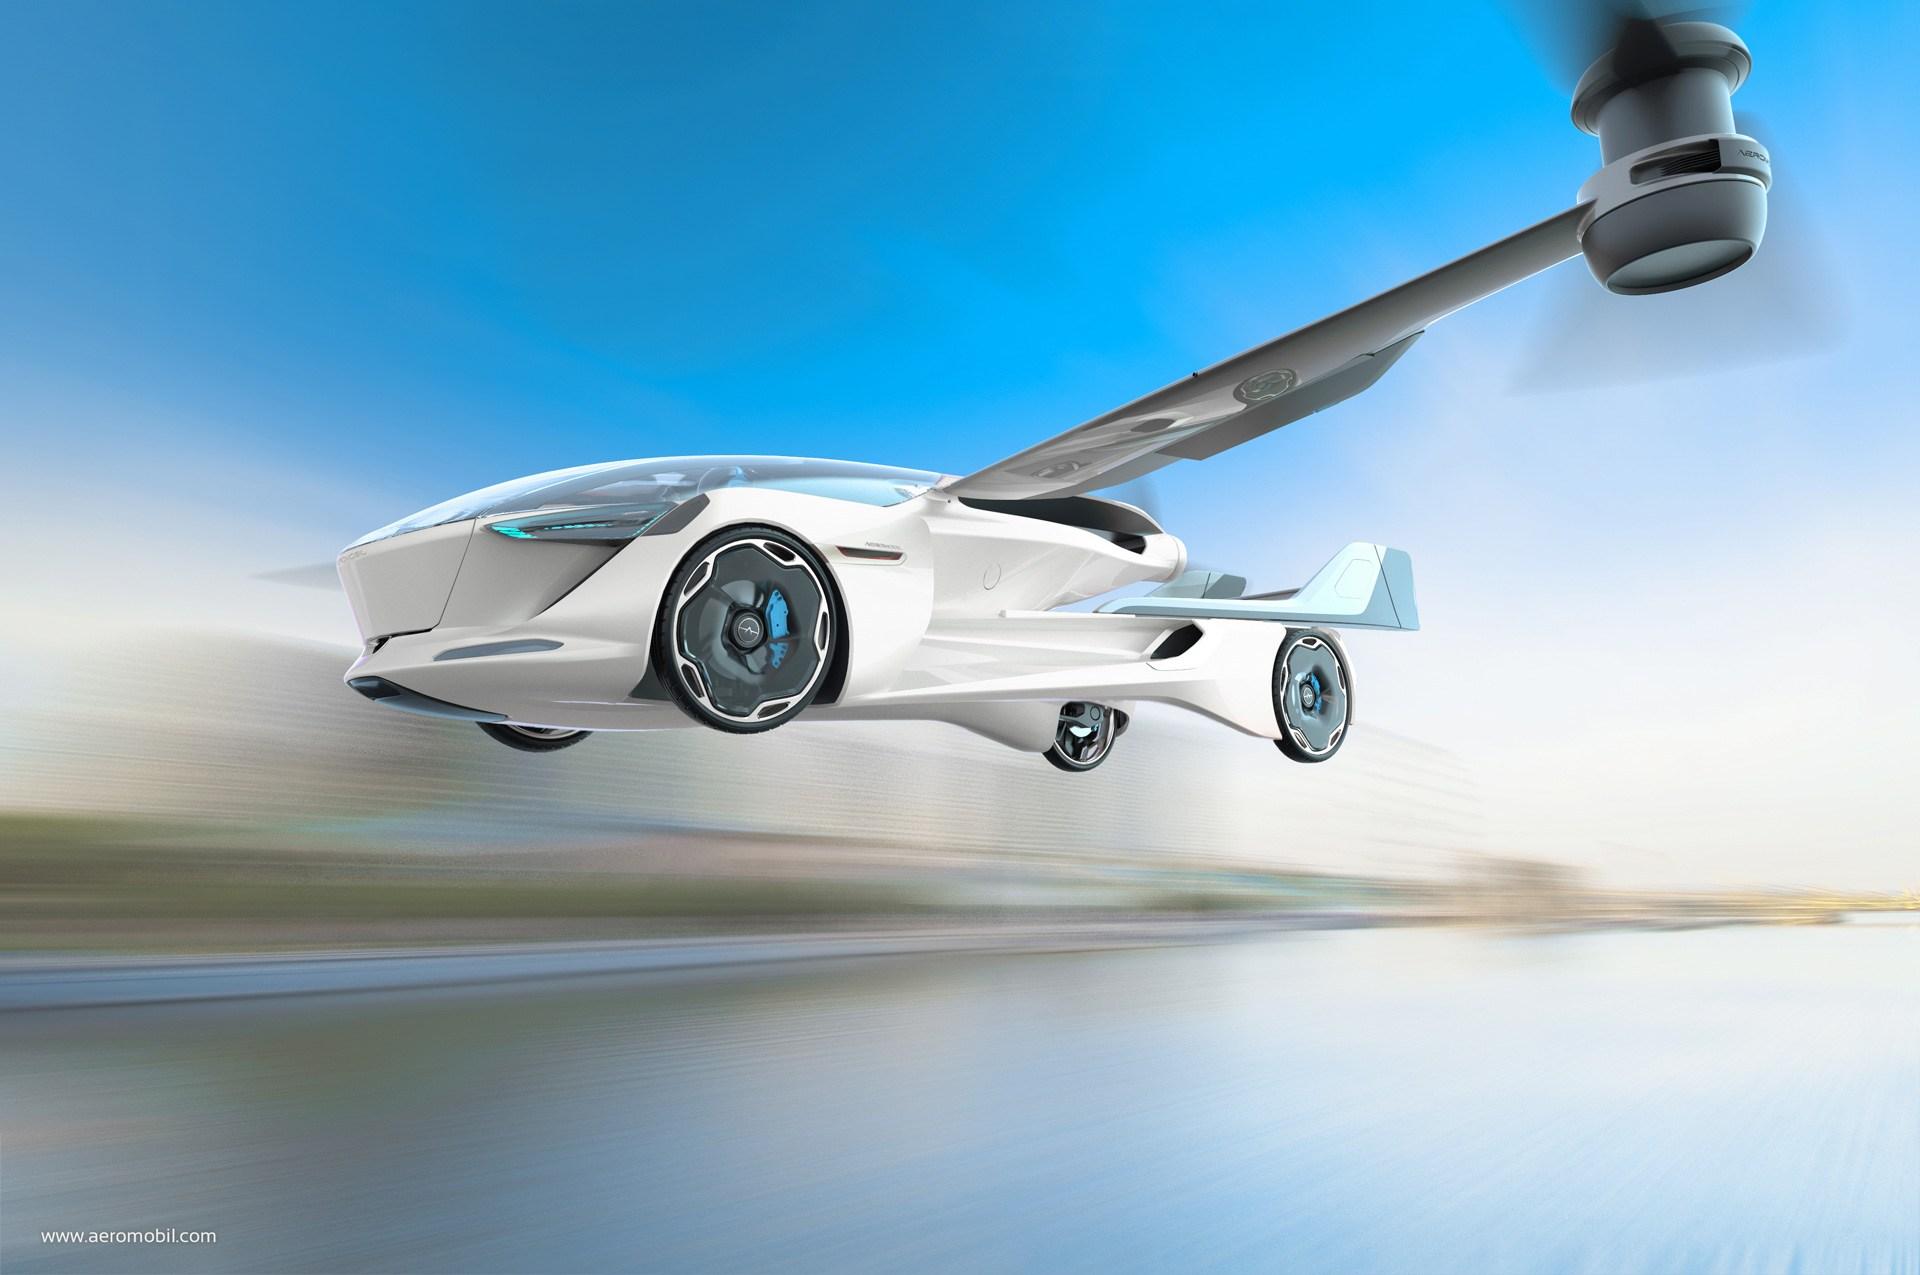 AeroMobil-5.0-VTOL-Concept-7